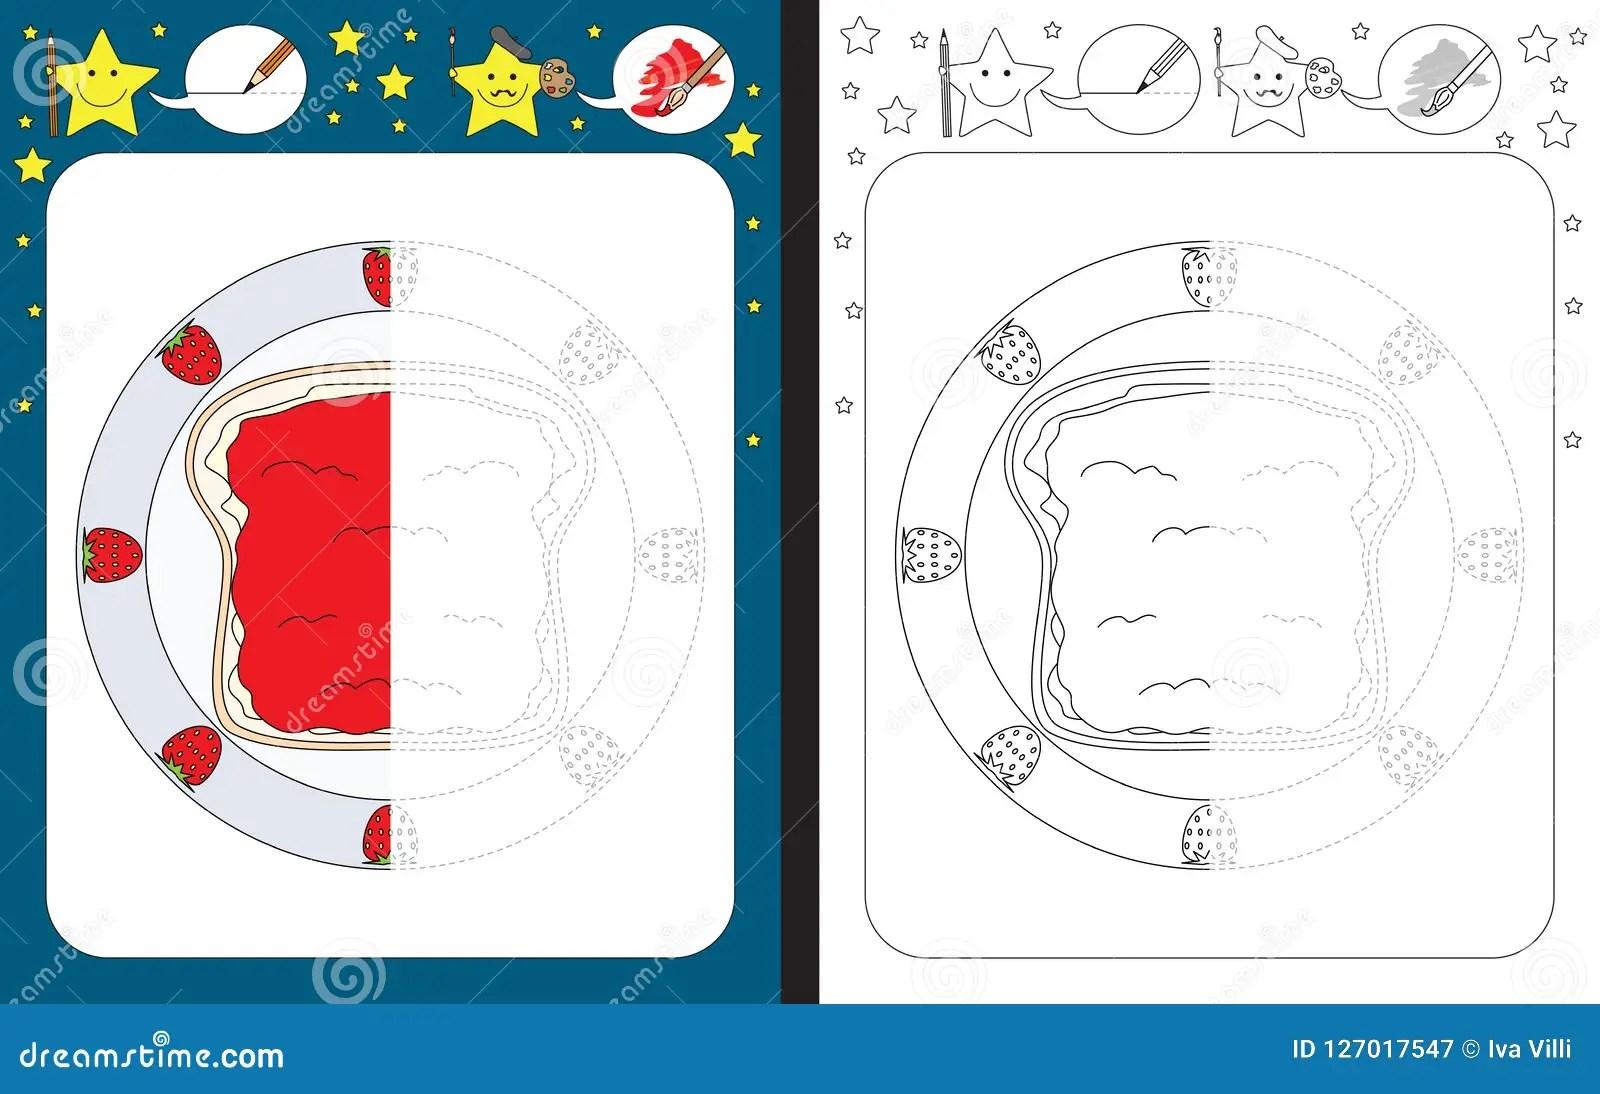 Preschool Worksheet Stock Vector Illustration Of Cartoon